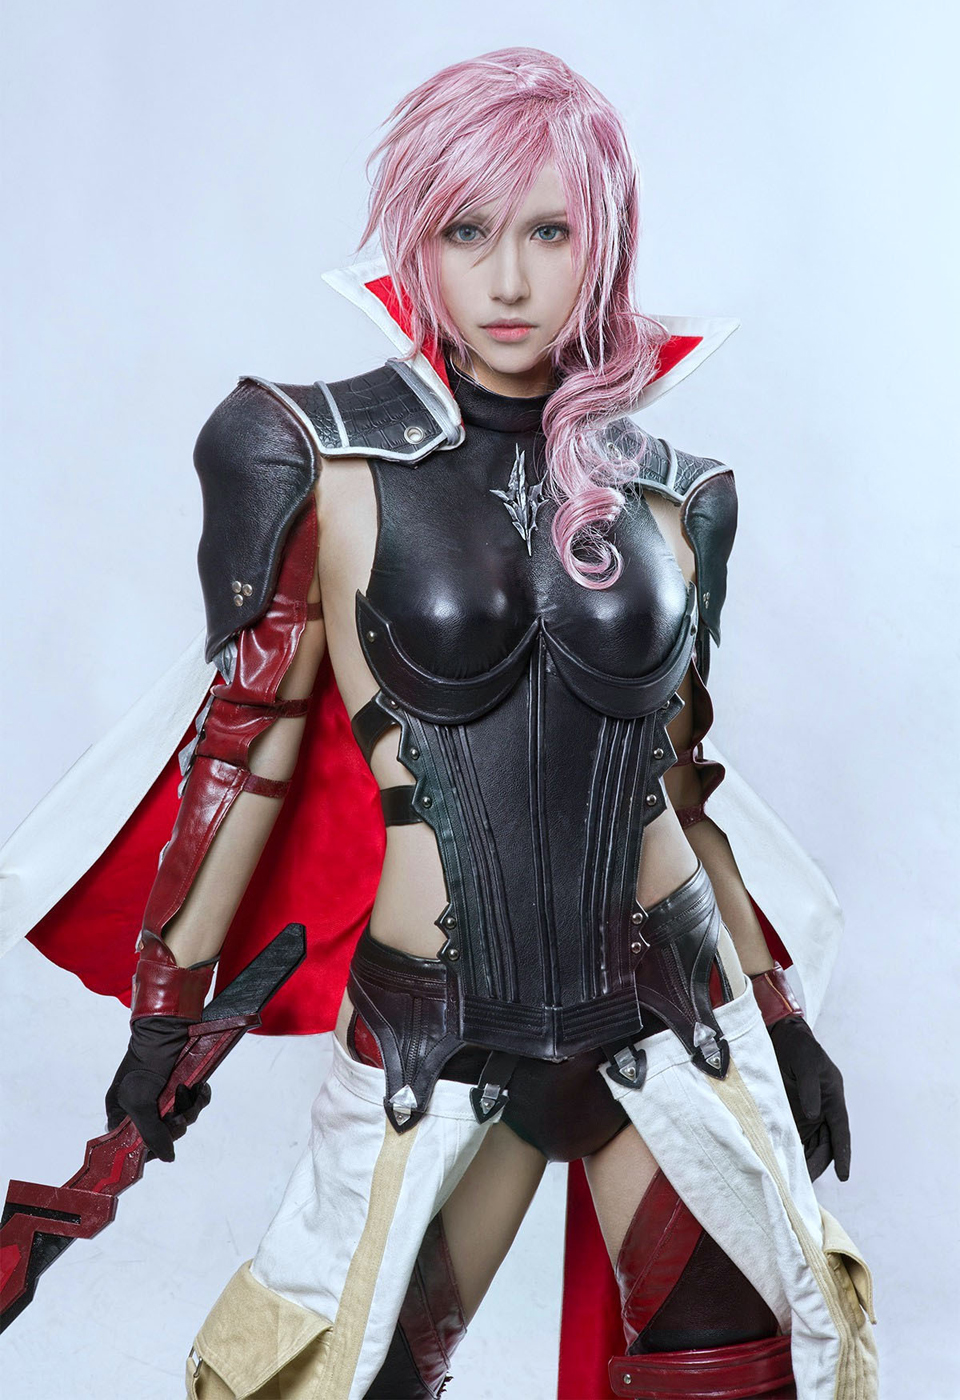 Ngắm cosplay Lightning đẹp như game của Kilory - Ảnh 3